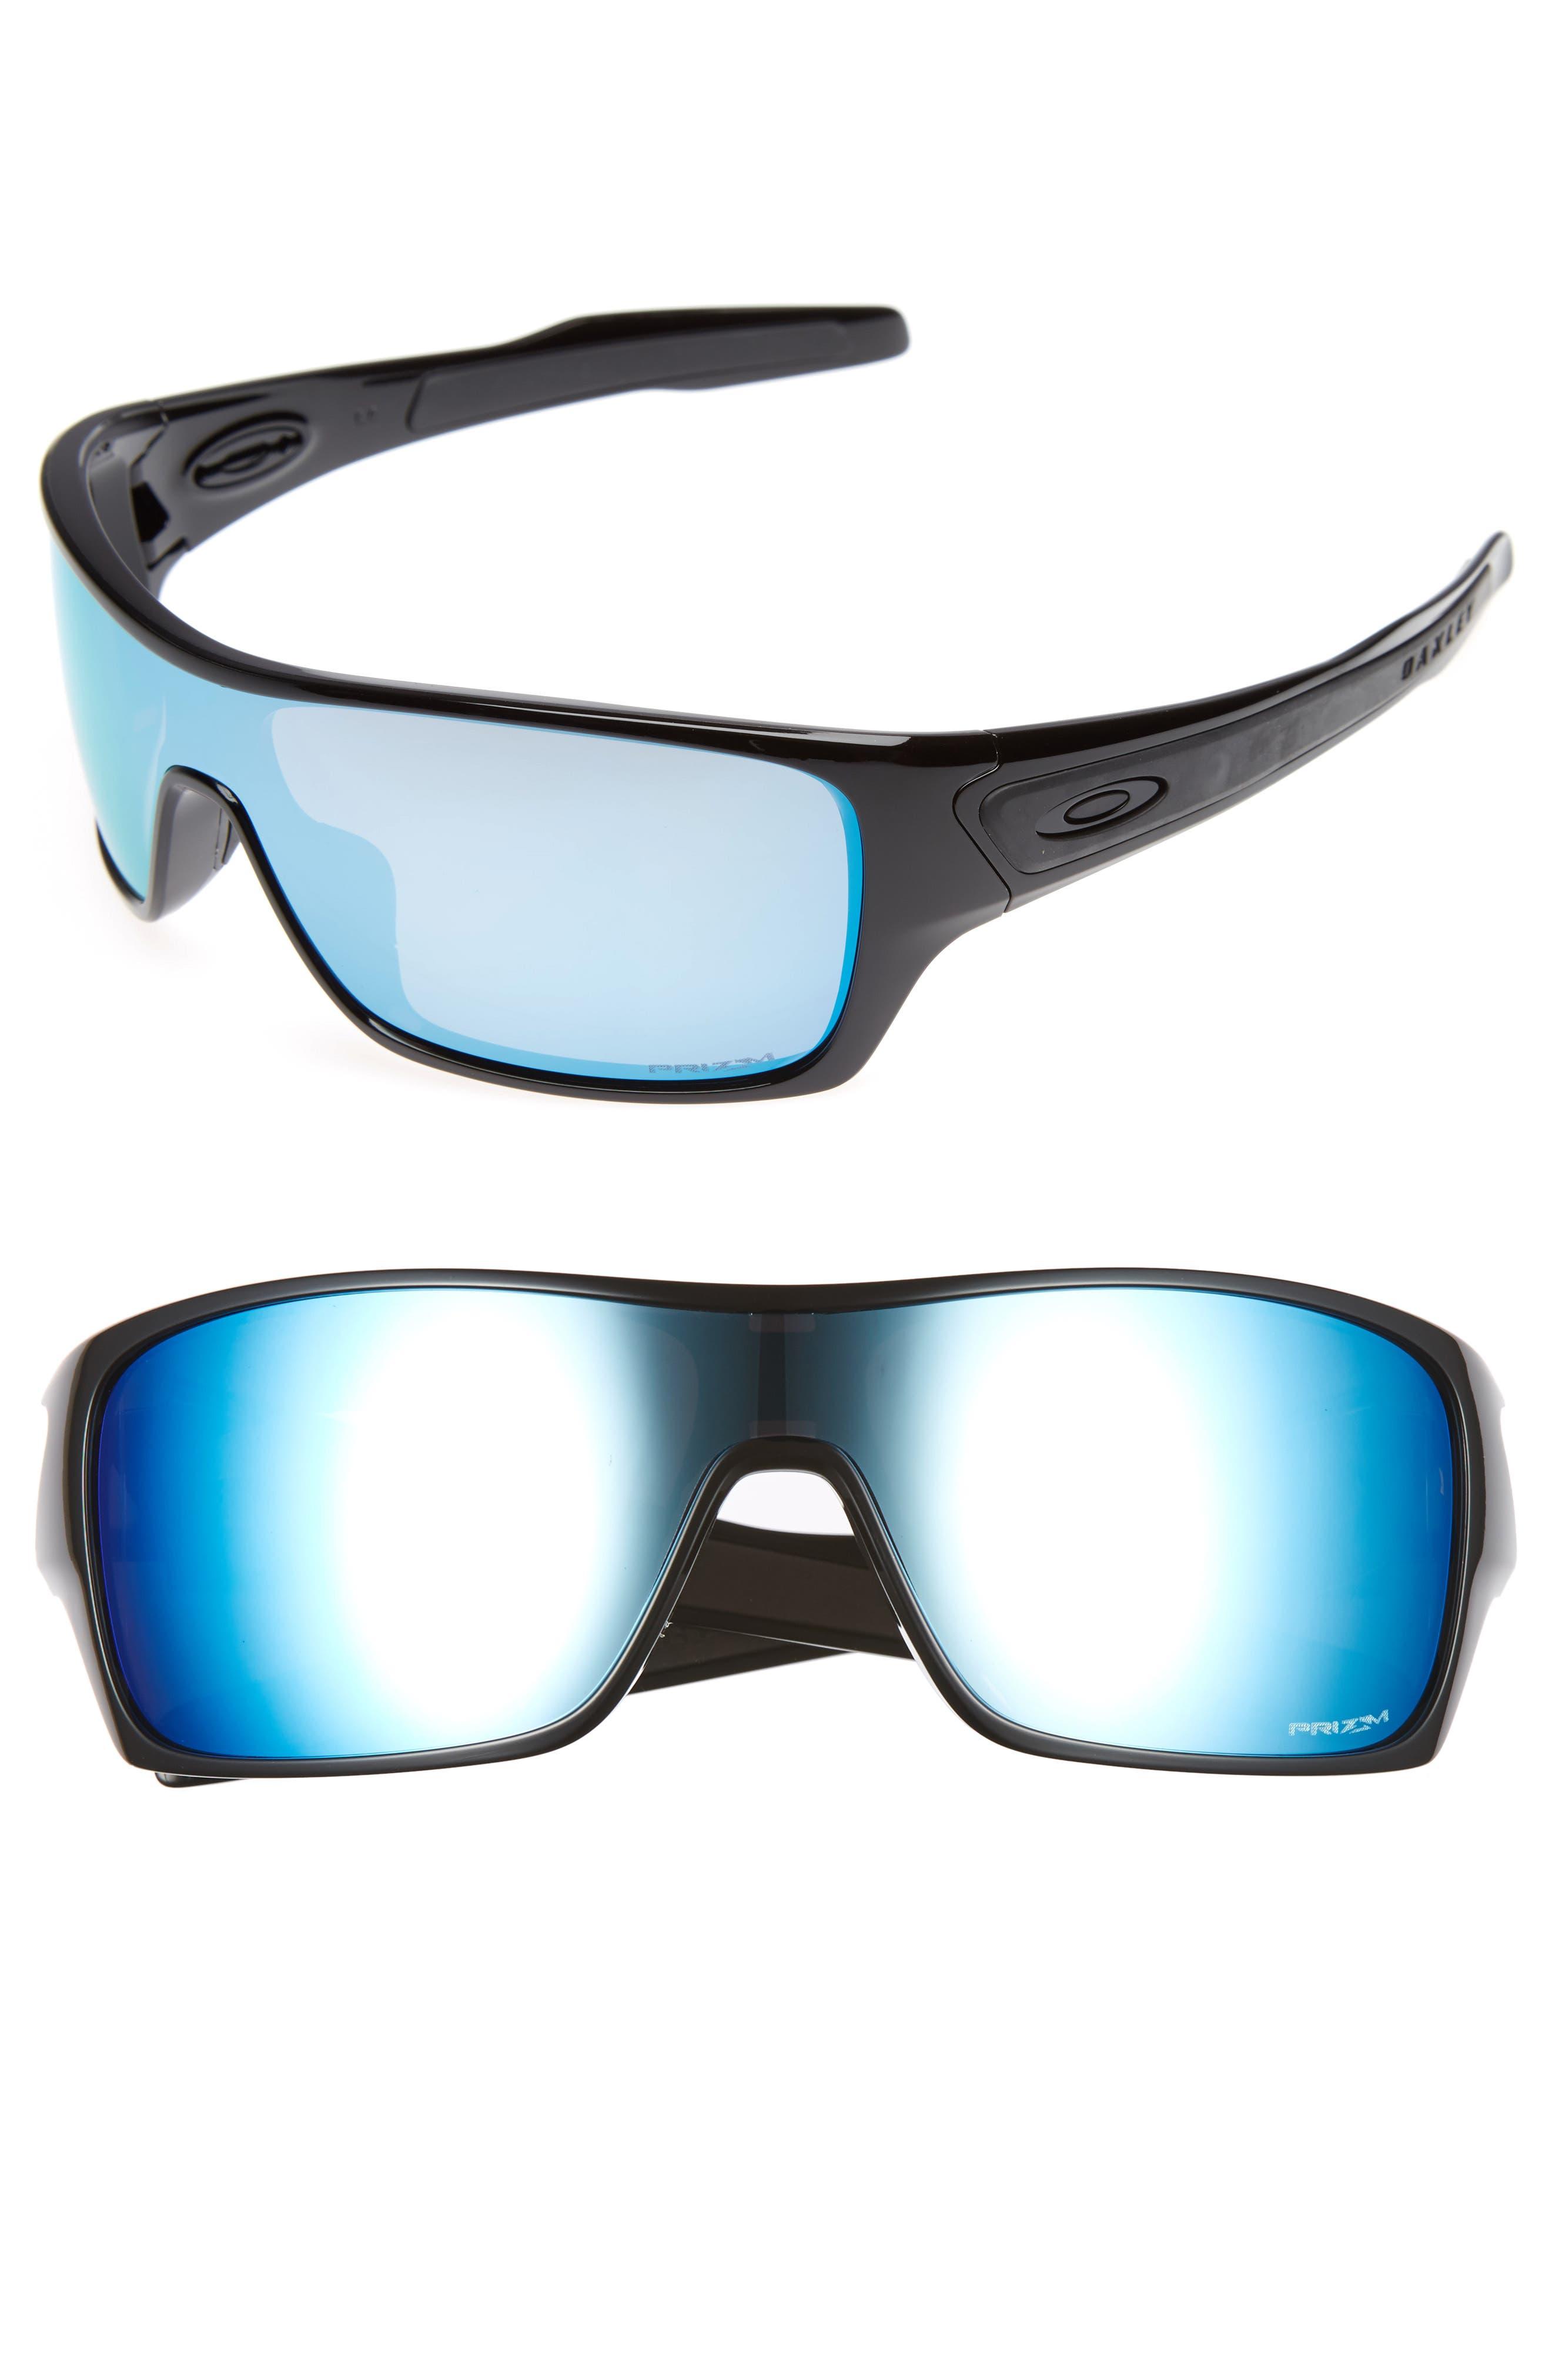 Turbine Rotor 68mm Polarized Sunglasses,                             Main thumbnail 1, color,                             Black/Blue